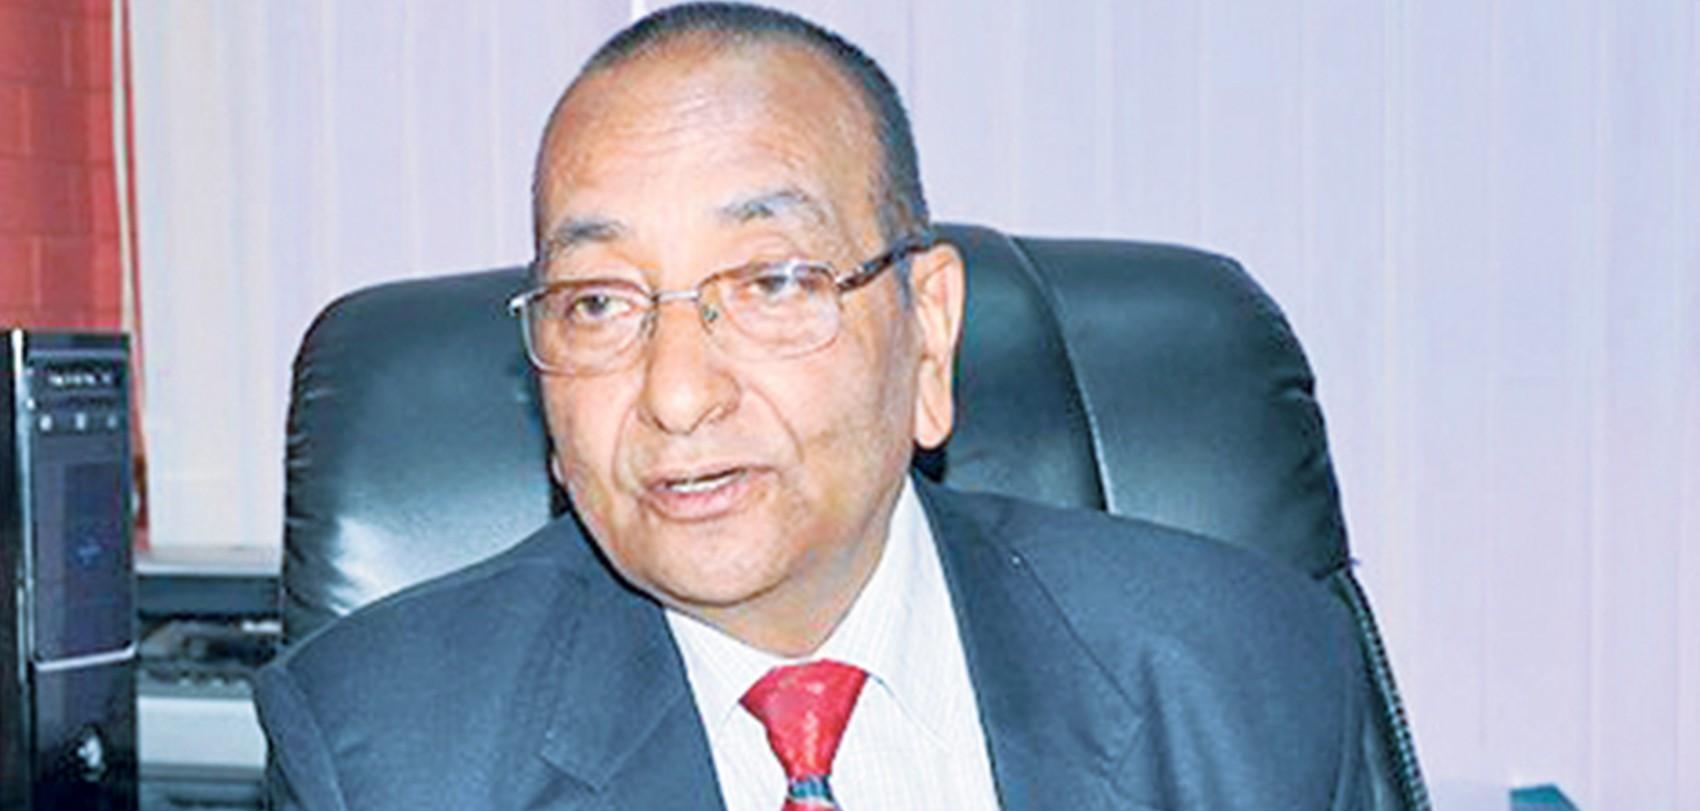 नेपाल एयरलाइन्सका कार्यकारी अध्यक्ष खरेलद्धारा राजीनामा